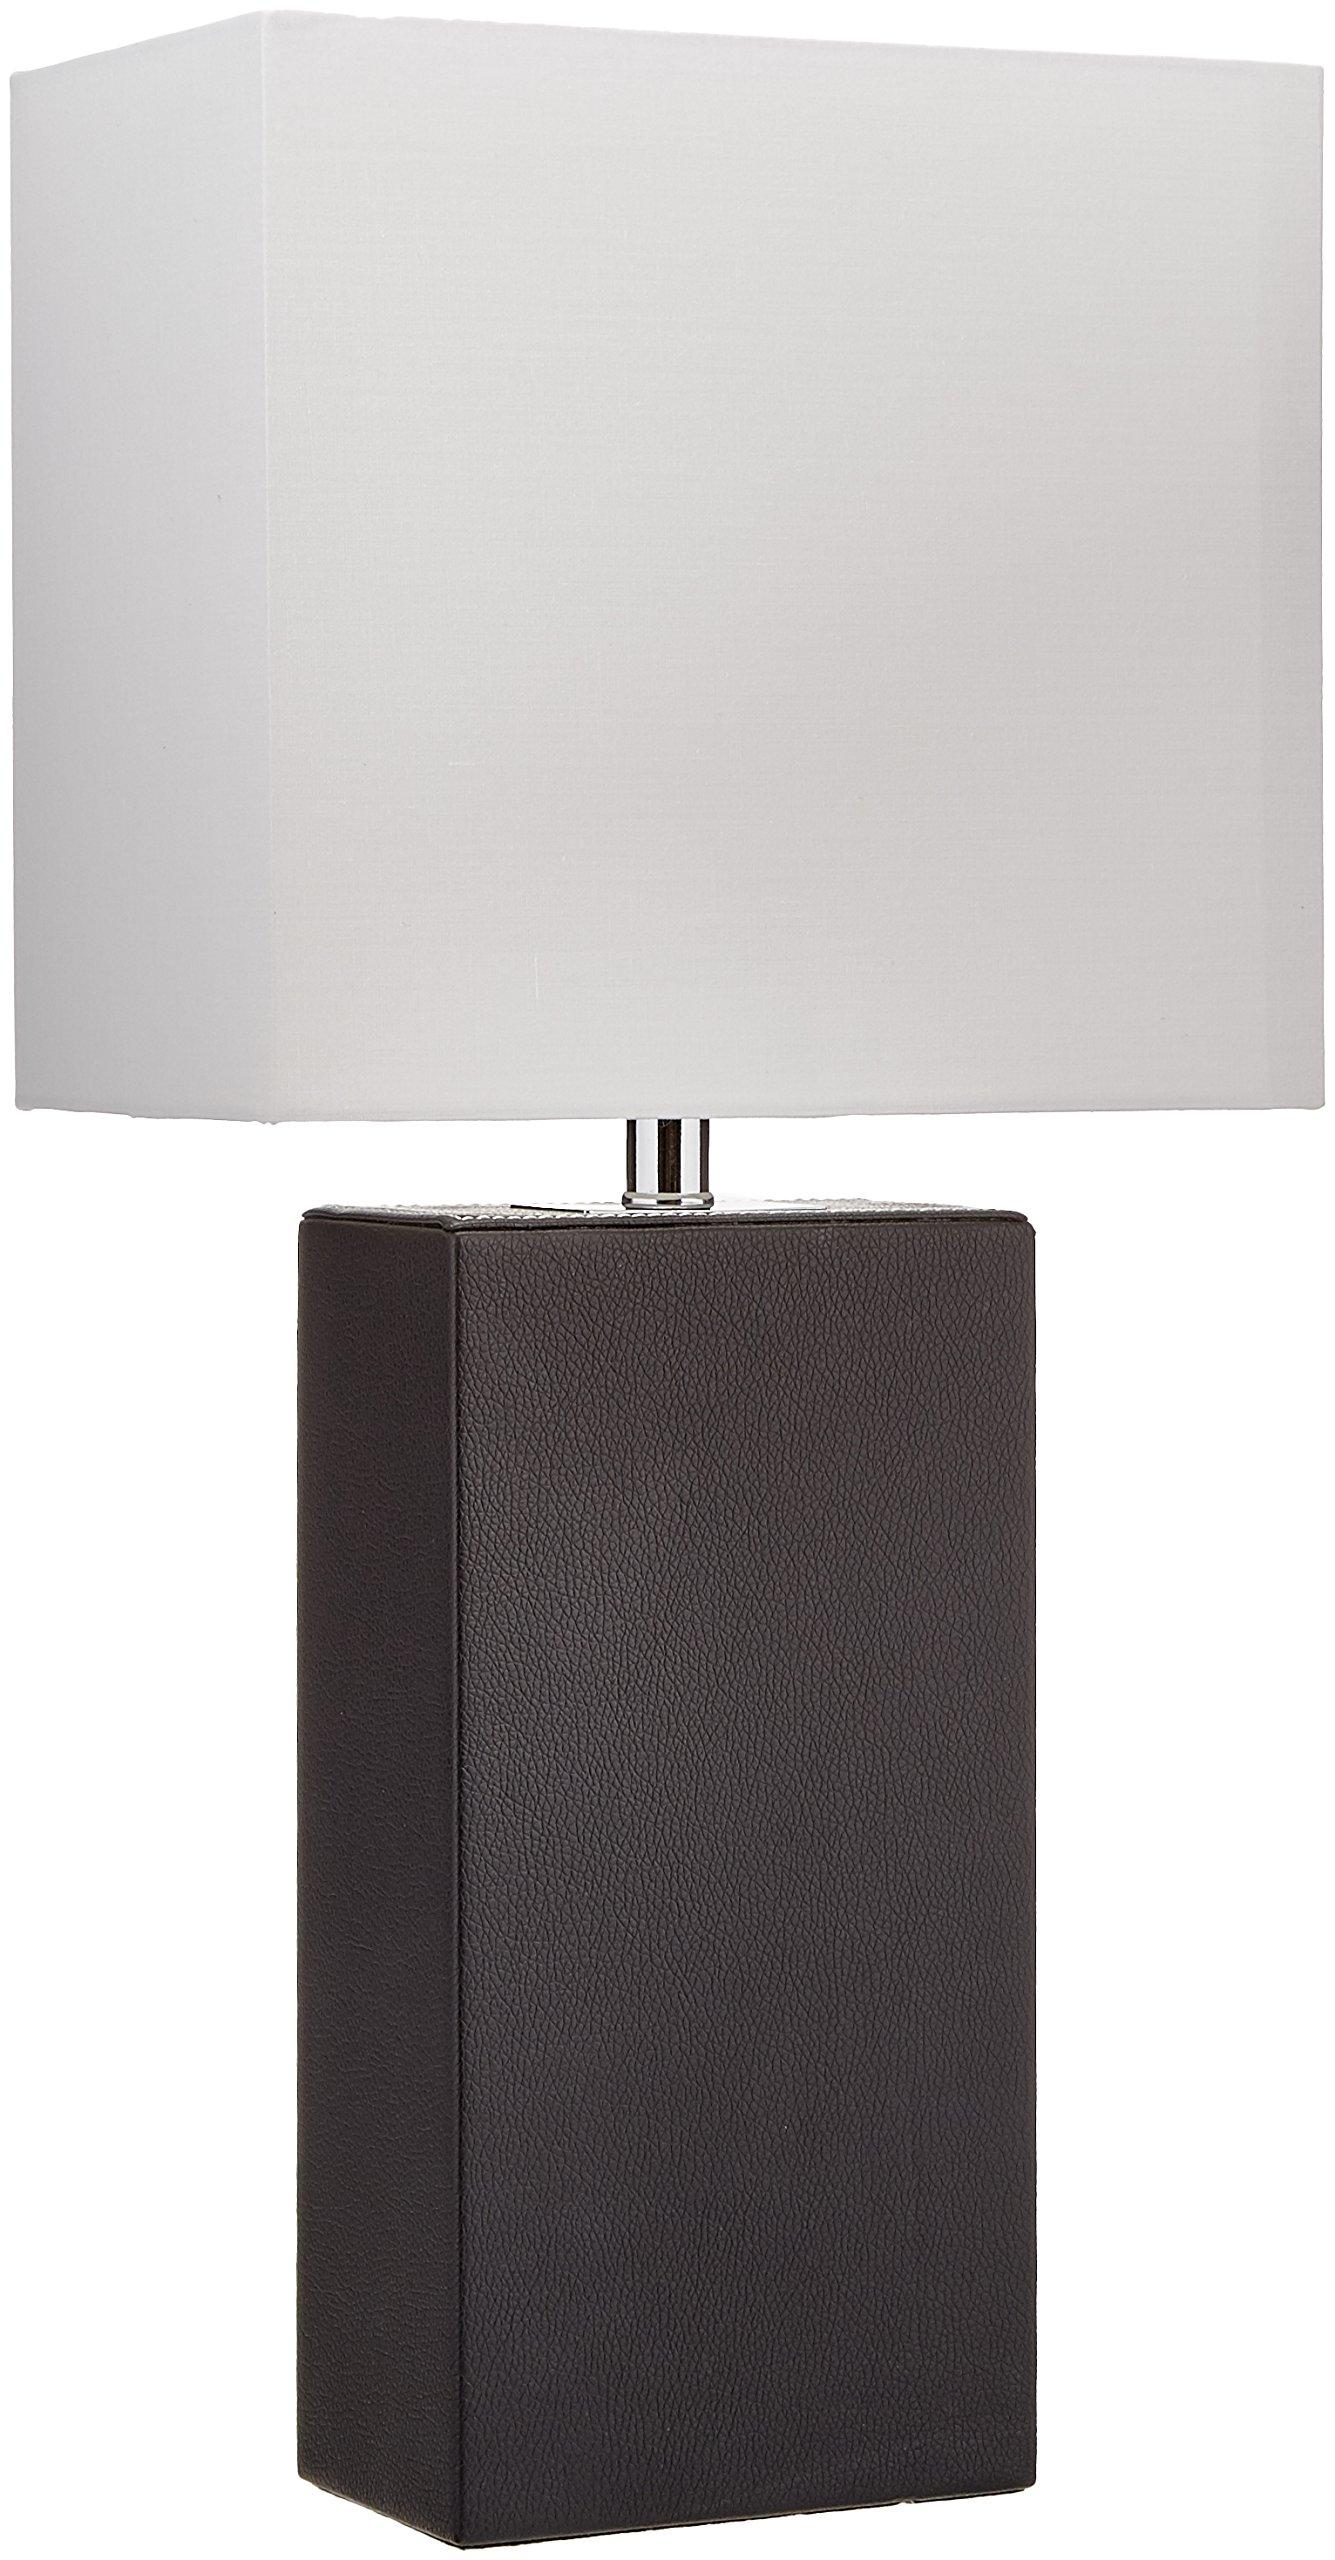 Elegant Designs LT1025-BLK Table Leather Lamp, Black